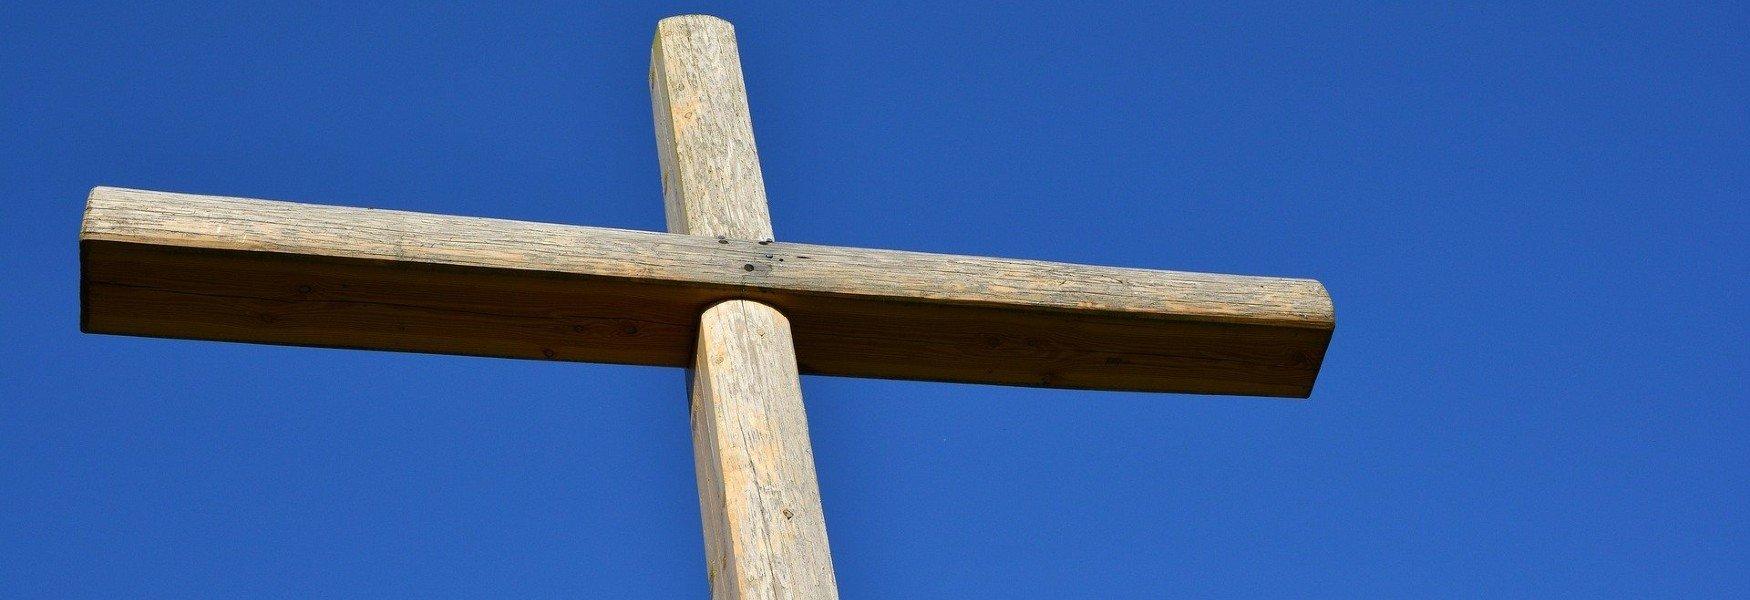 Kruis In Blauwe Lucht